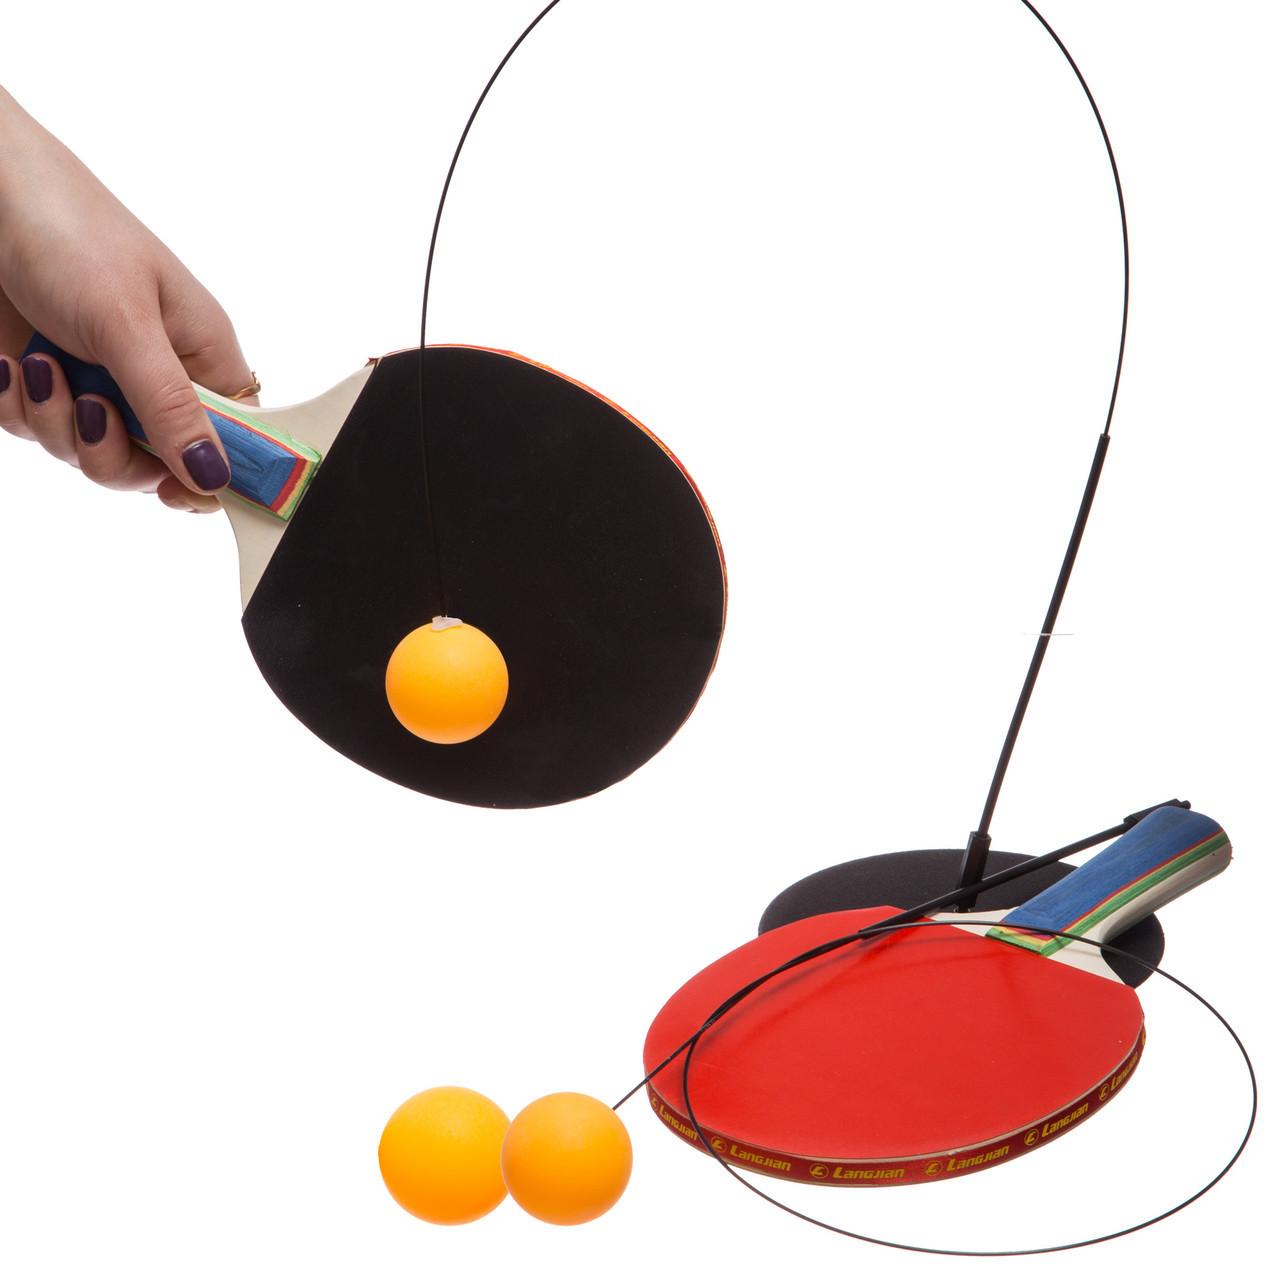 Набор для координации и тренировки по настольному теннису XCT-611 (2ракетки, 3шарика, 1струна)